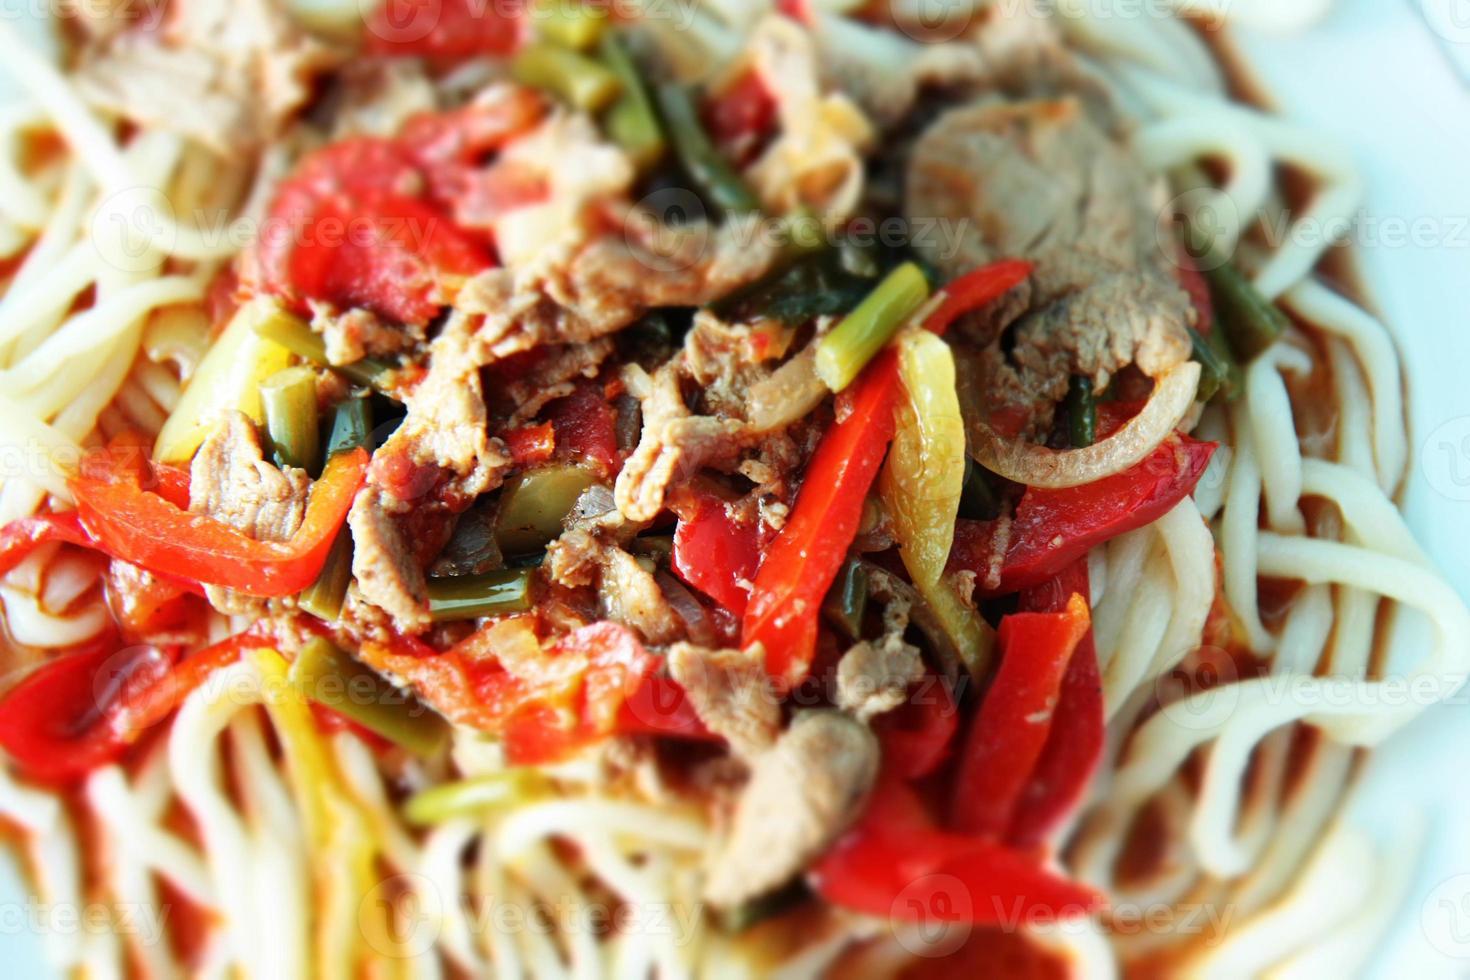 Spaghetti mit Fleisch foto